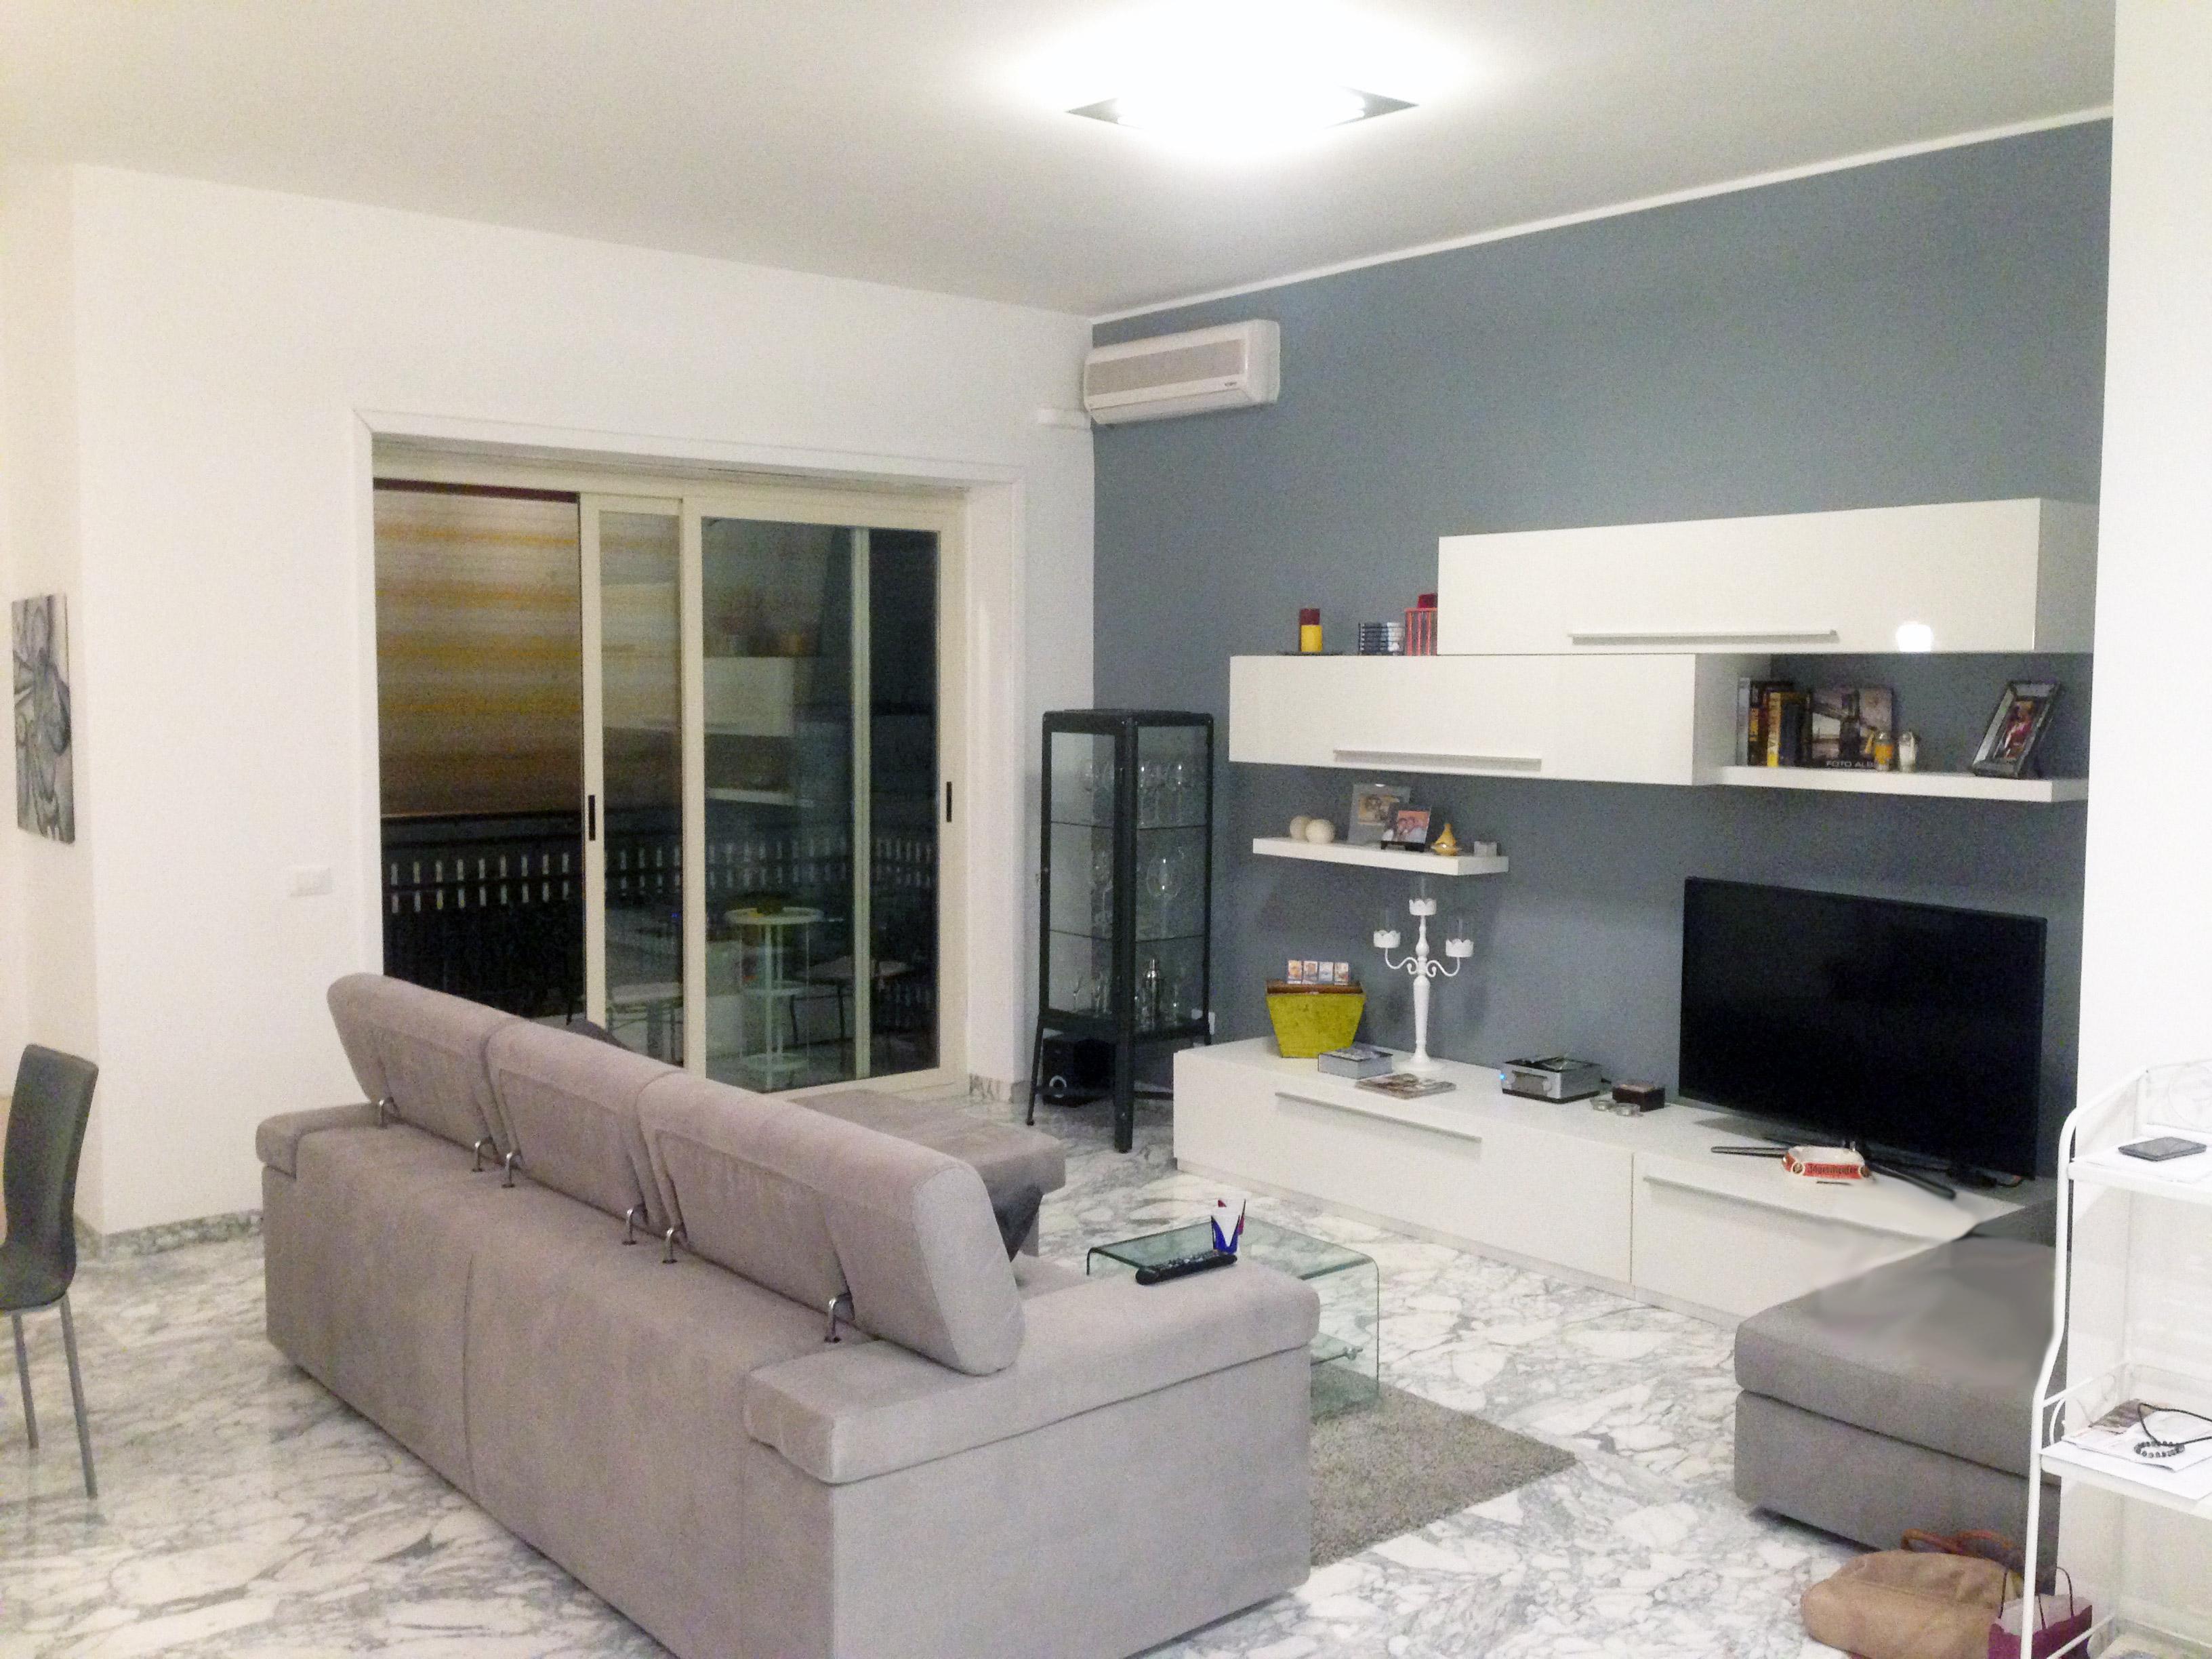 Ristrutturazione appartamento in zona garbatella roma for Ristrutturazione appartamento roma